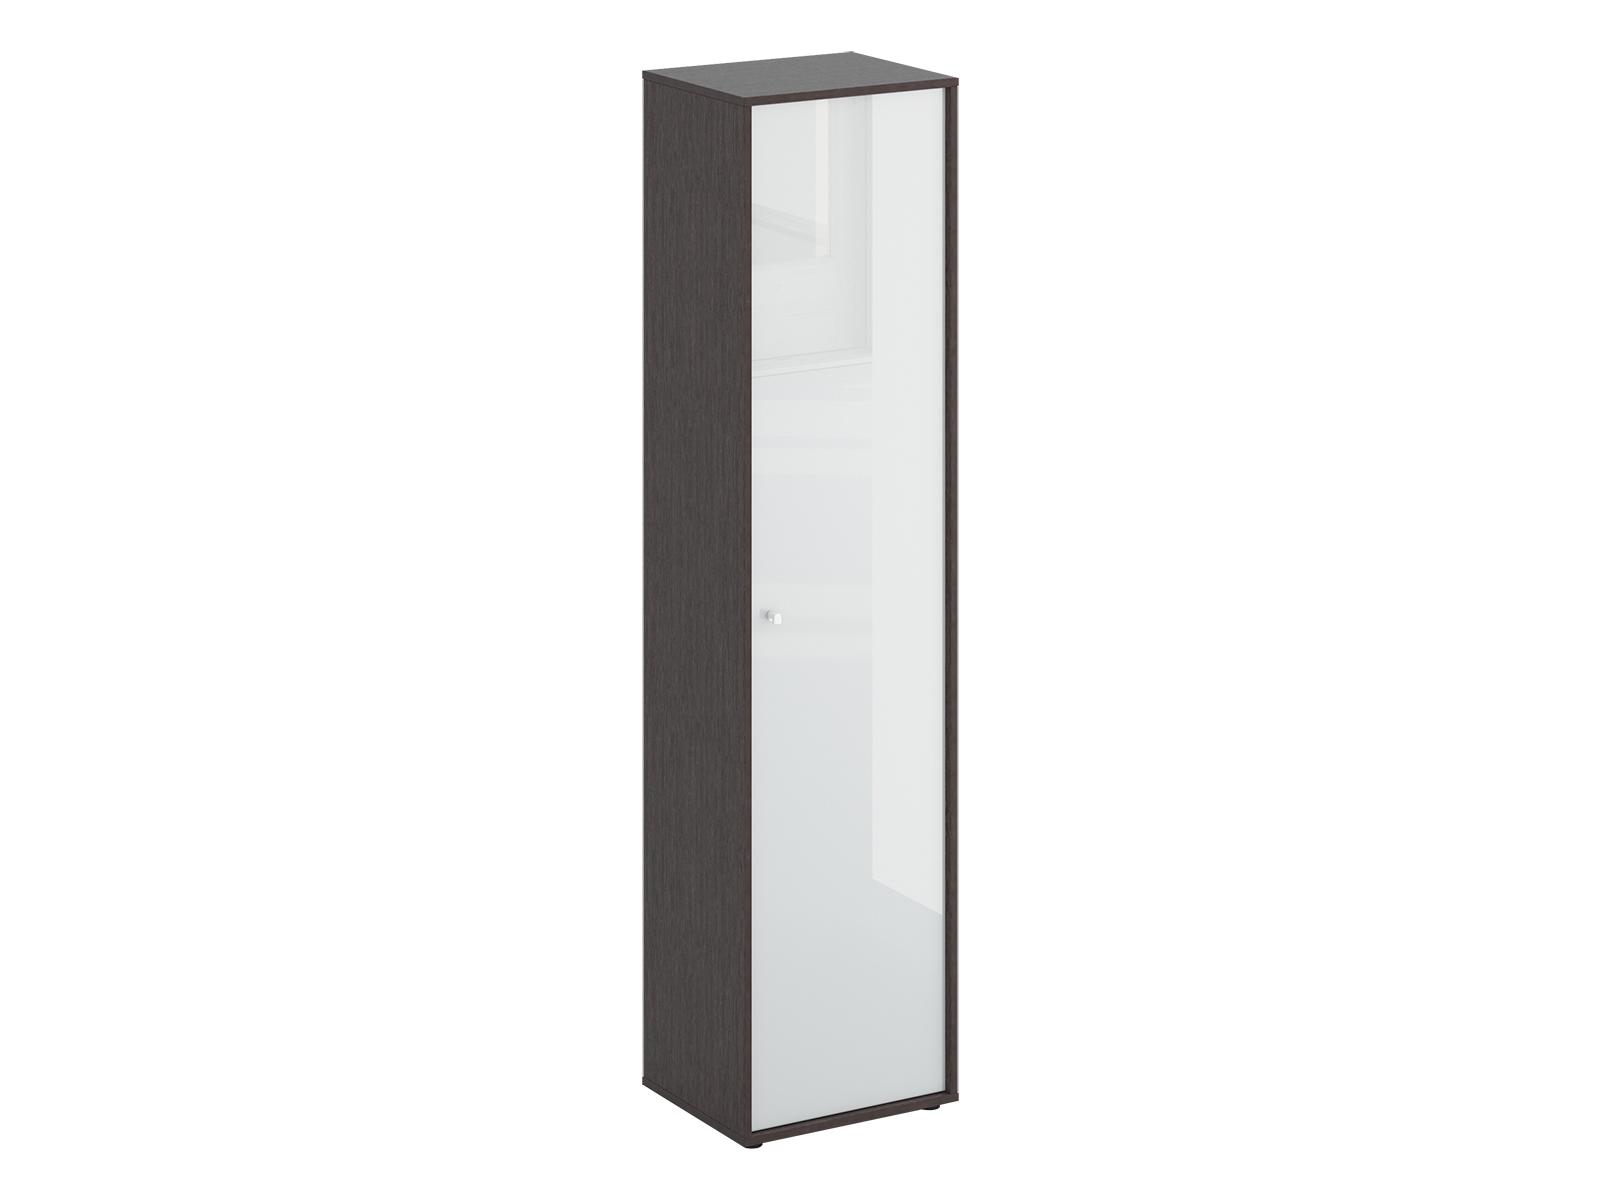 Шкаф однодверный LatteШкафы и вешалки<br>Шкаф однодверный. Наполнение шкафа - 5 полок. Шкаф крепится к стене.<br>